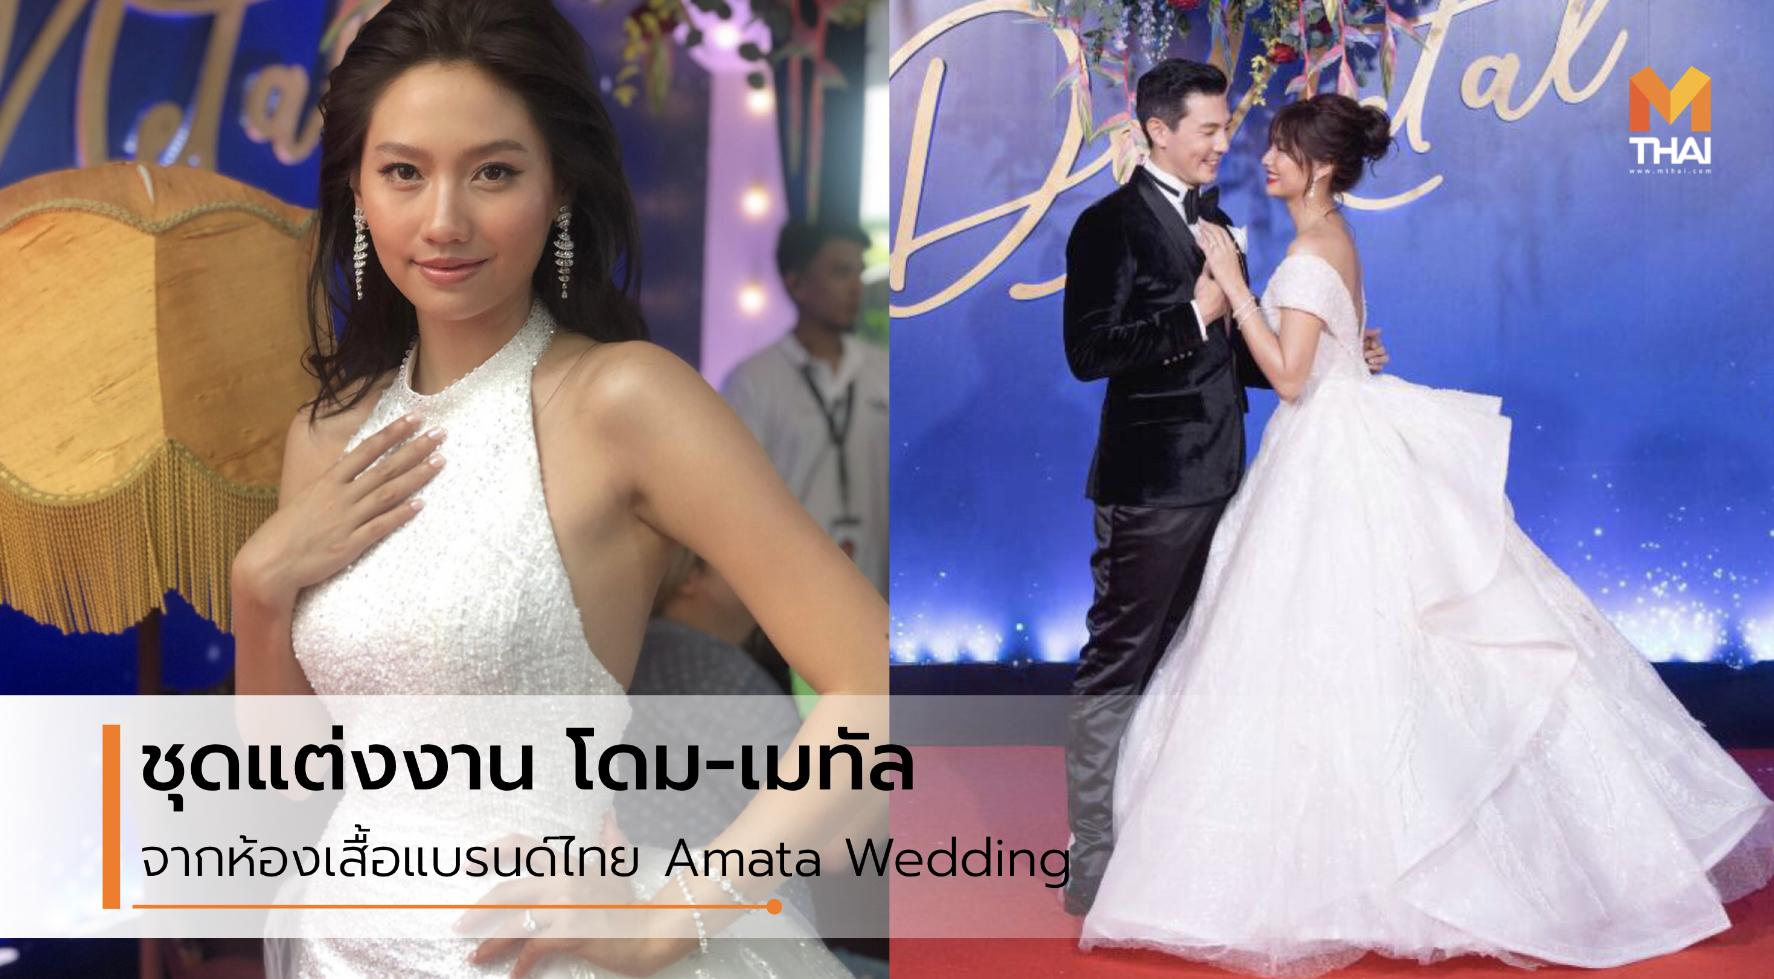 งานแต่งงาน งานแต่งงาน โดม เมทัล งานแต่งงานดารา ชุดเจ้าสาว ชุดเจ้าสาว เมทัล เมทัล สุขขาว โดม ปกรณ์ ลัม โดม เมทัล